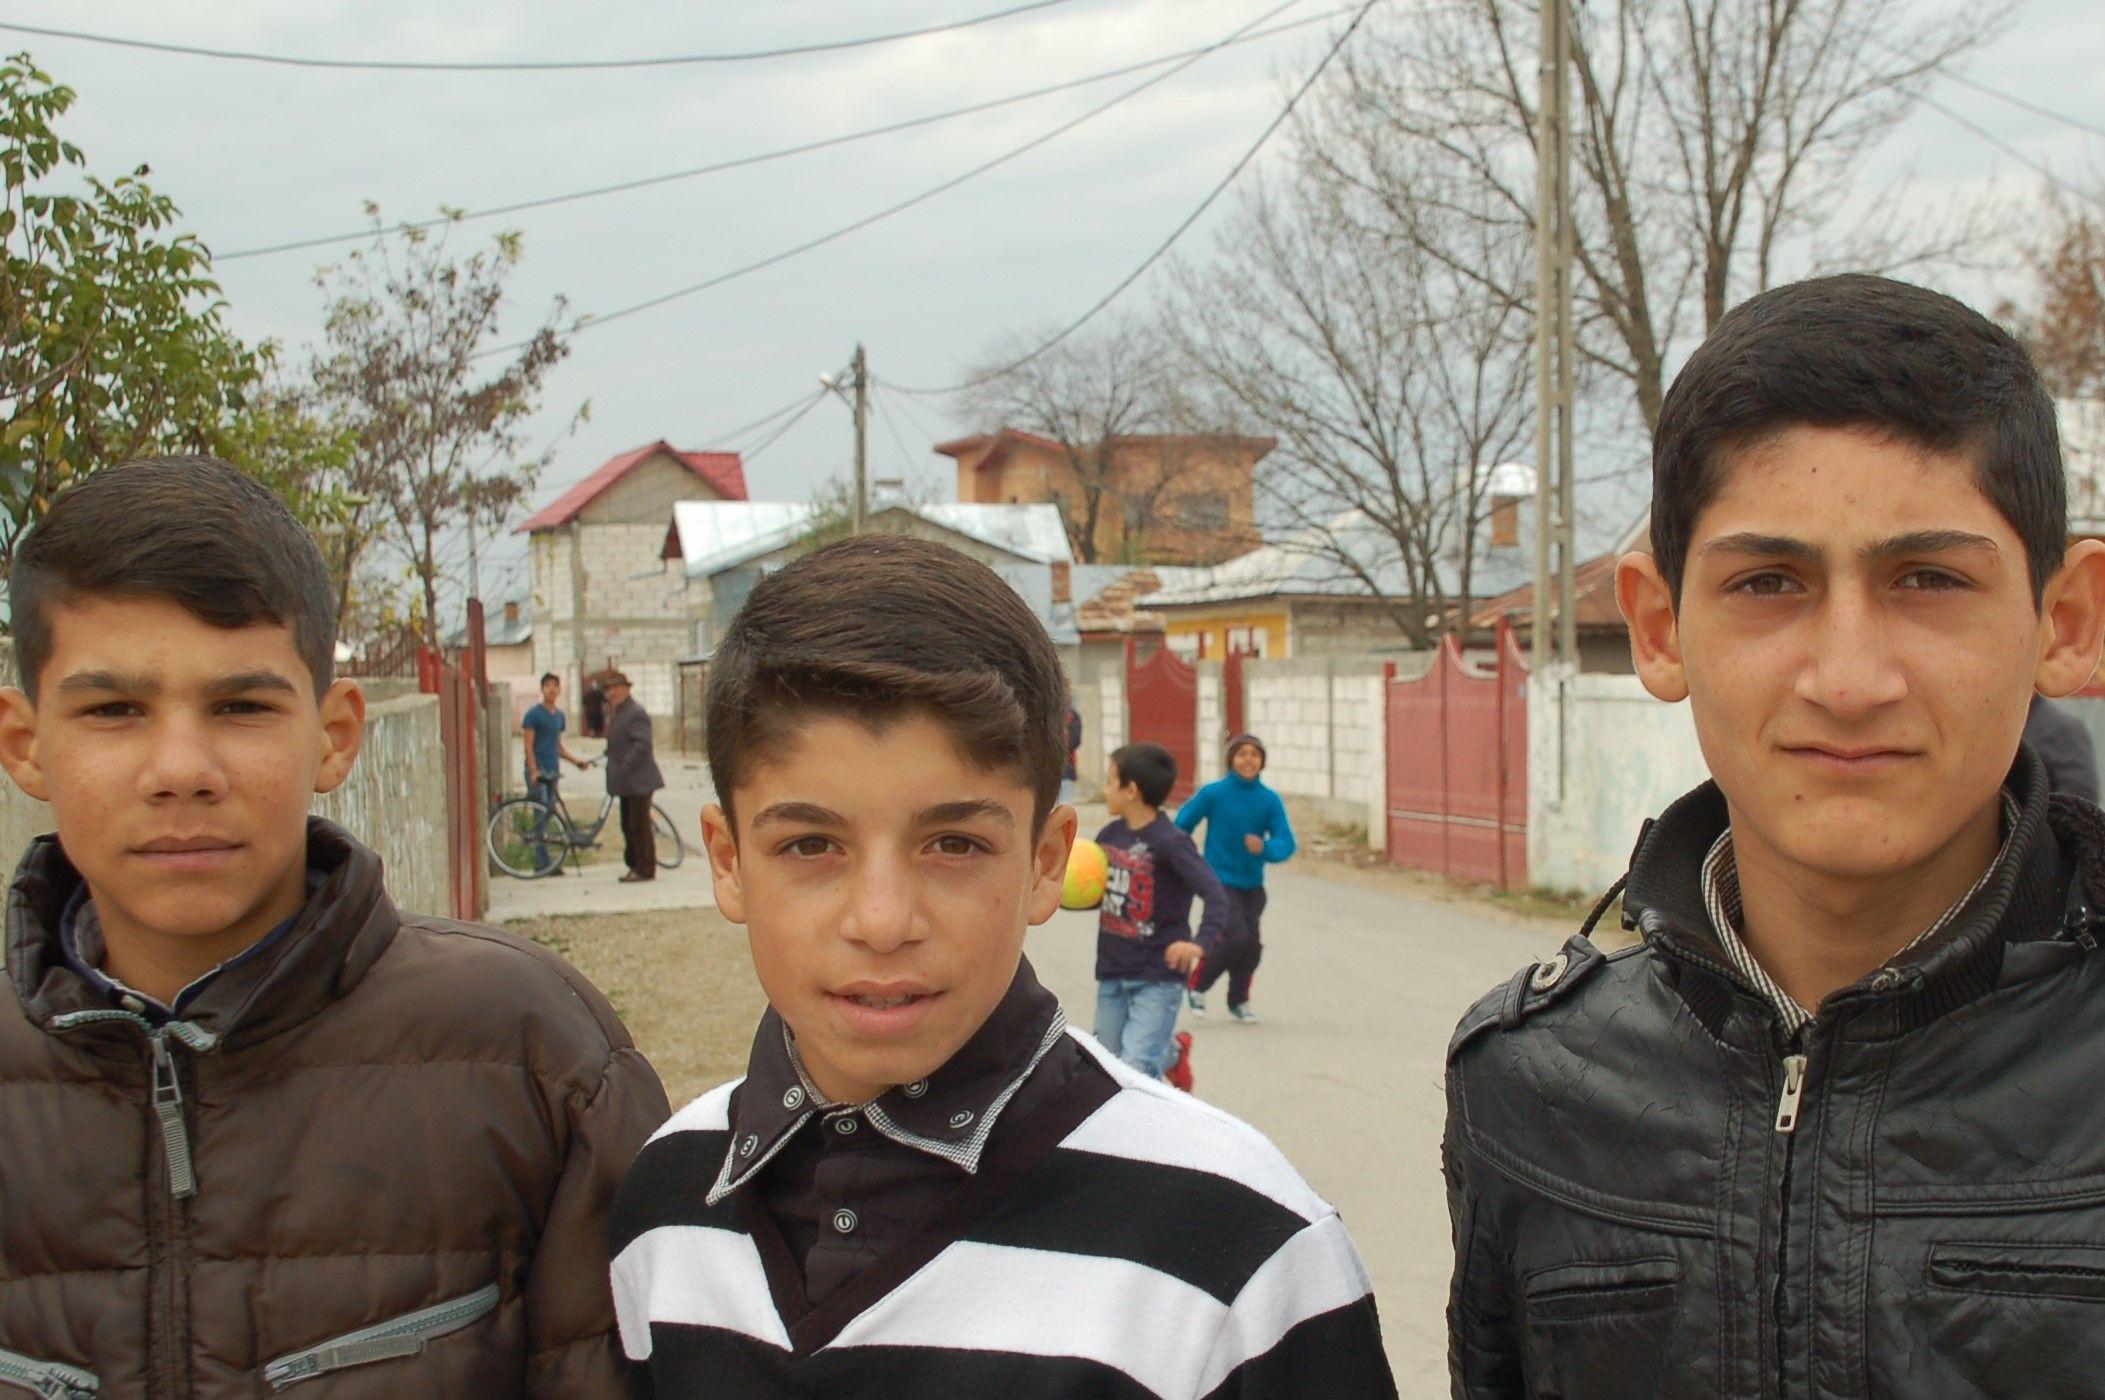 Drei Jungen aus Fantanele